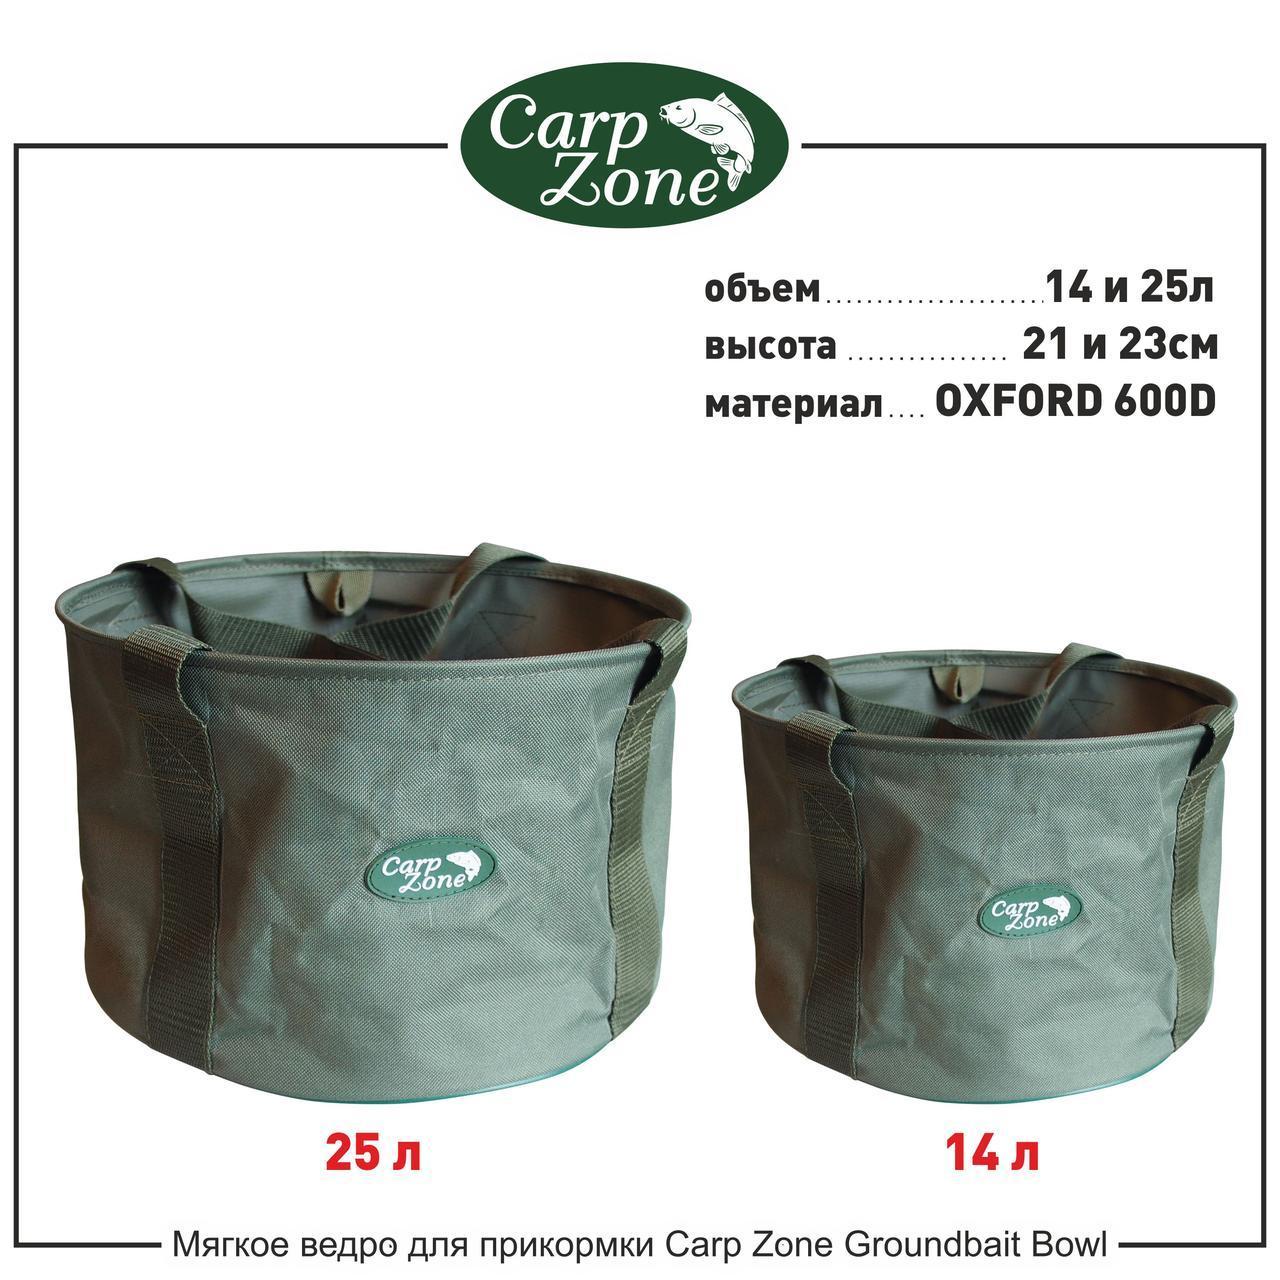 Мягкое ведро для прикормки Carp Zone Groundbait Bowl